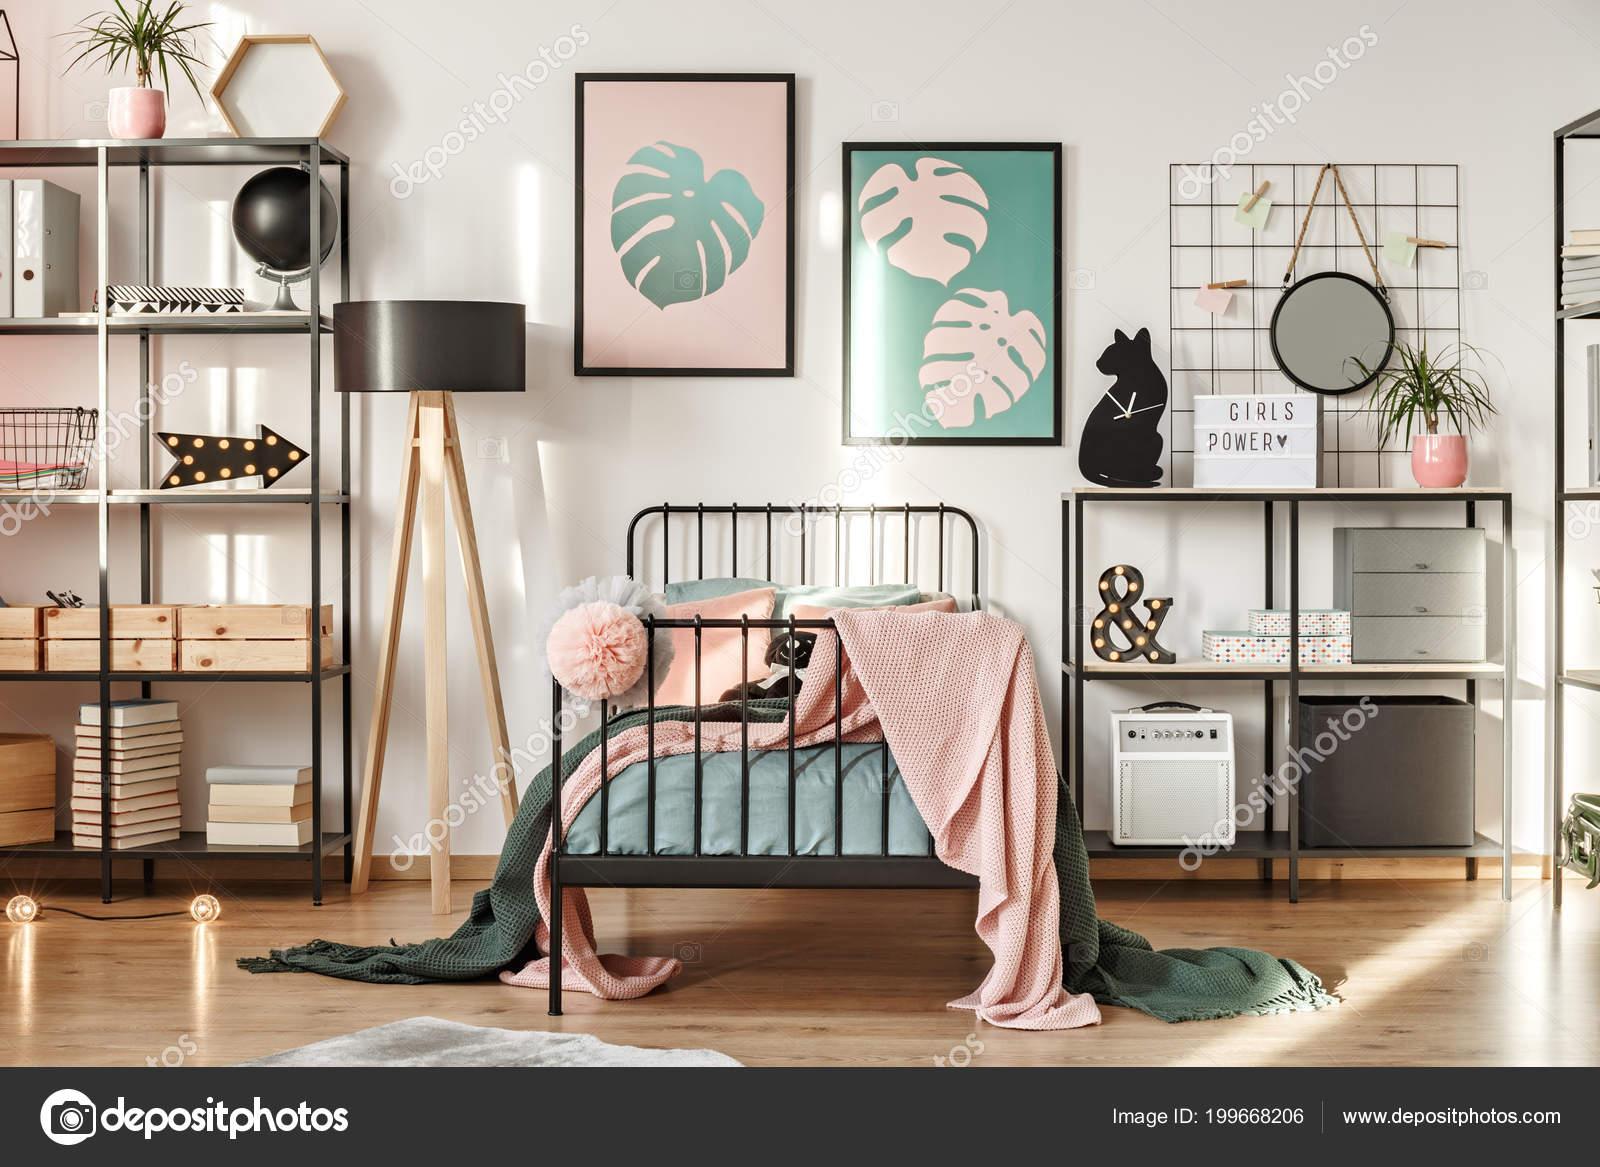 Półki Metalowe Ozdoby Botaniczny Plakaty Wygodne łóżko